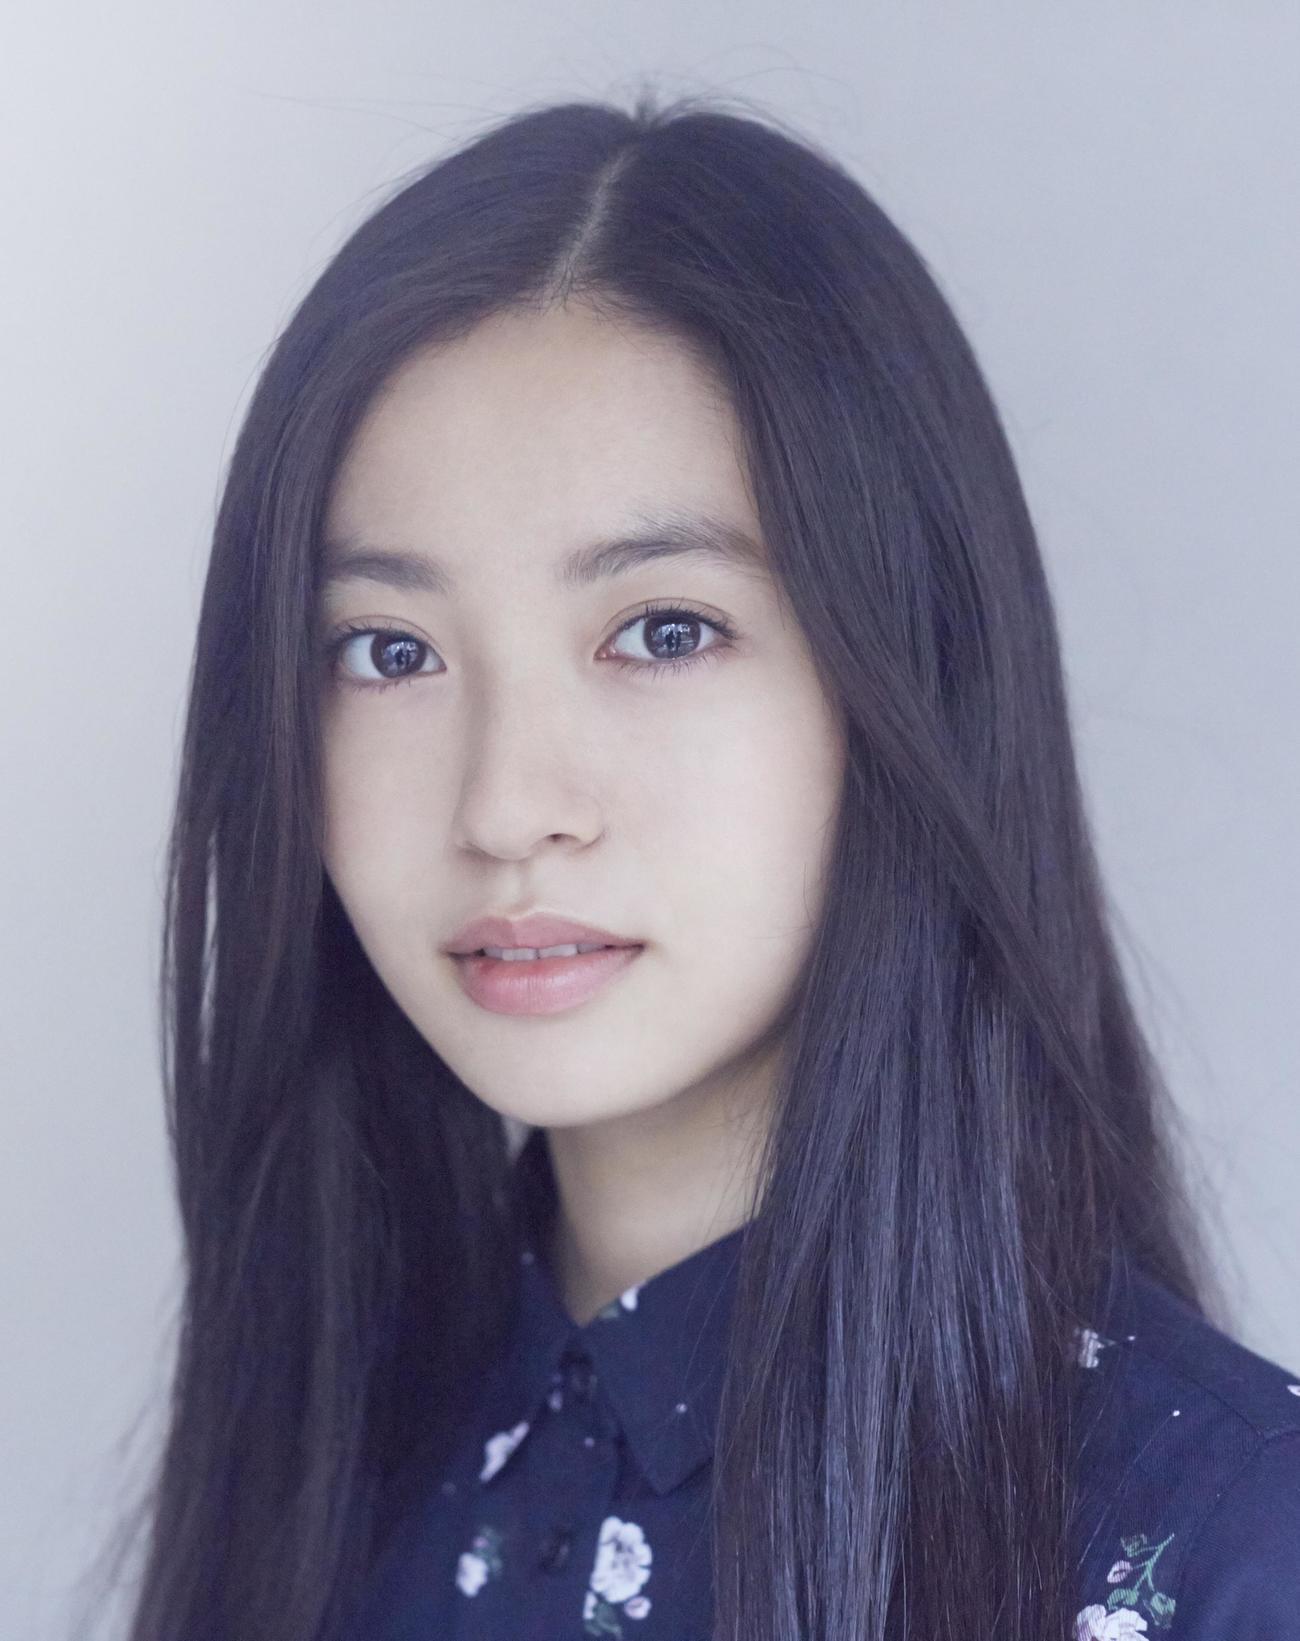 スターダストのドラマプロジェクト「SSS~Special Short Story~」に出演する田辺桃子